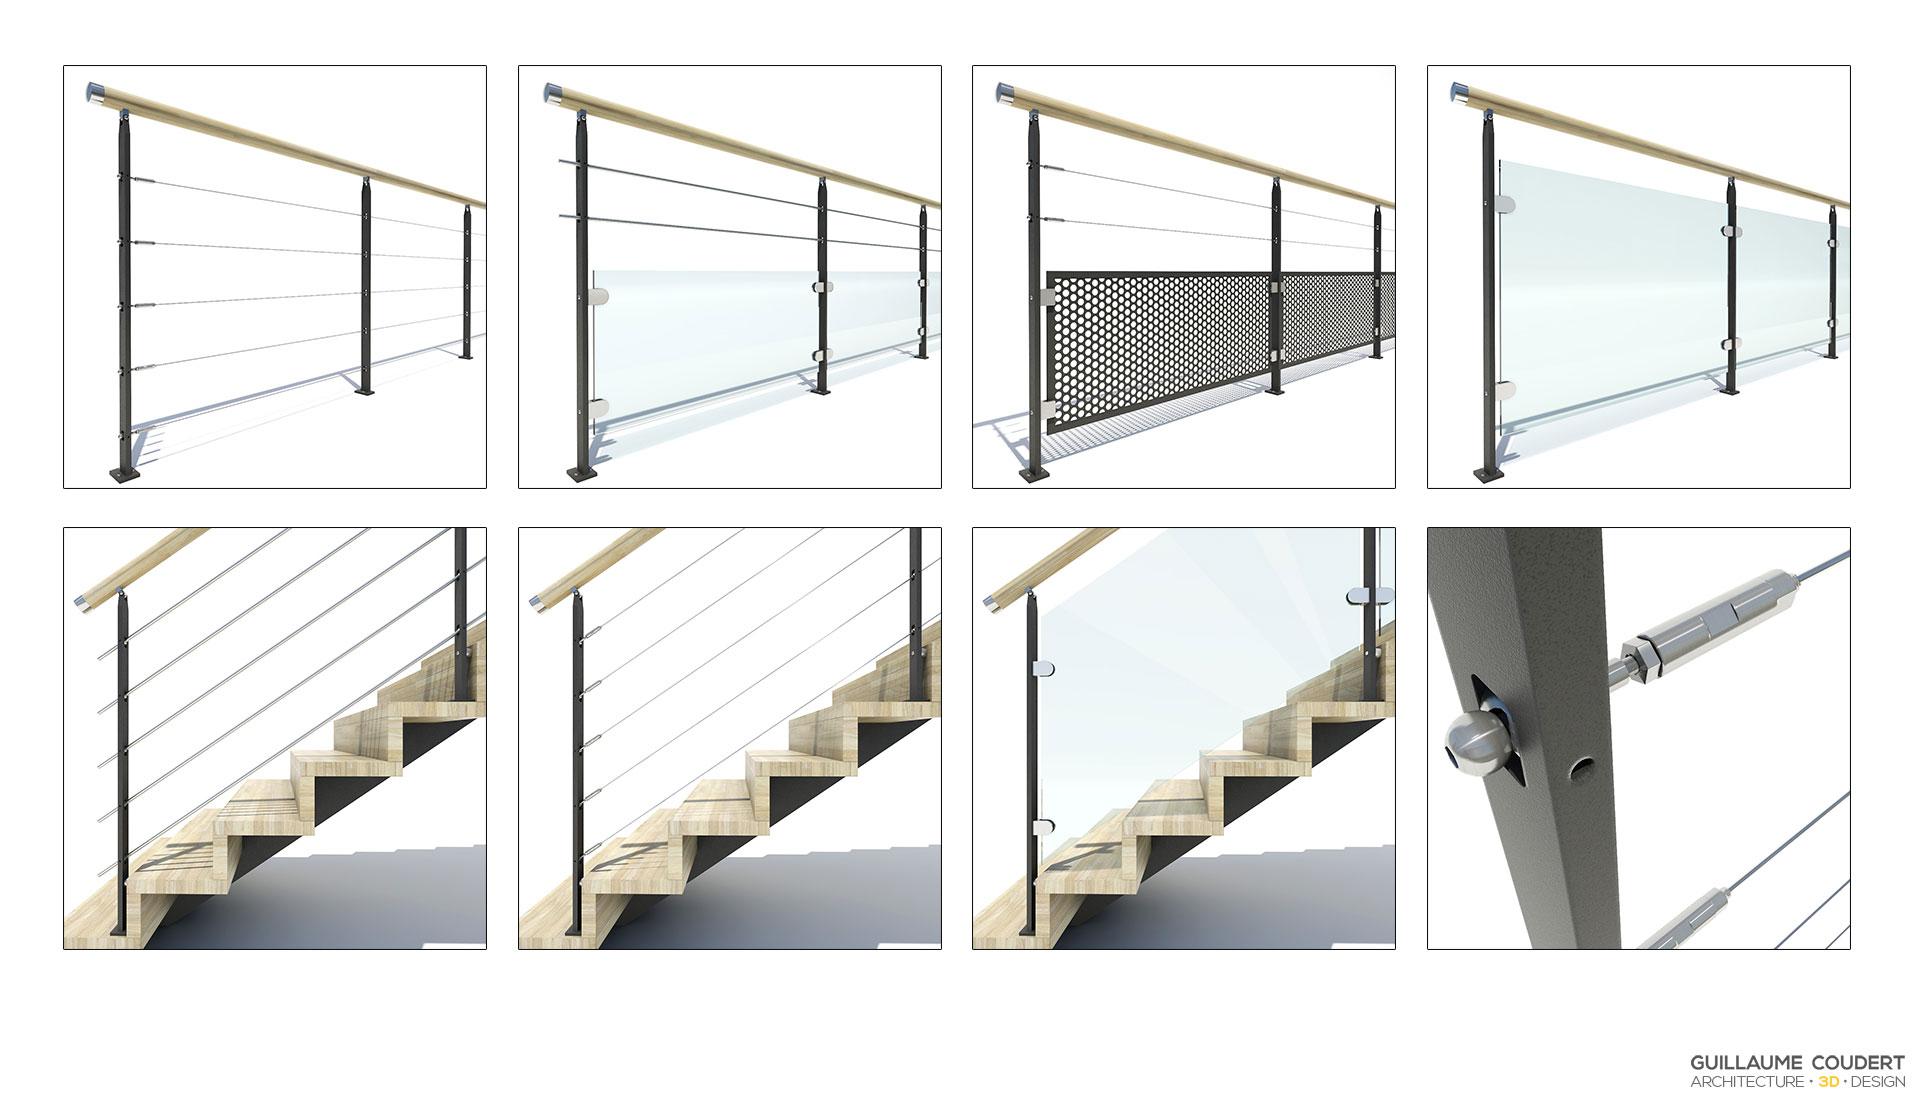 Escalier plasse details 2012 guillaume coudert architecture d 39 int rieur - Escalier plasse prix ...